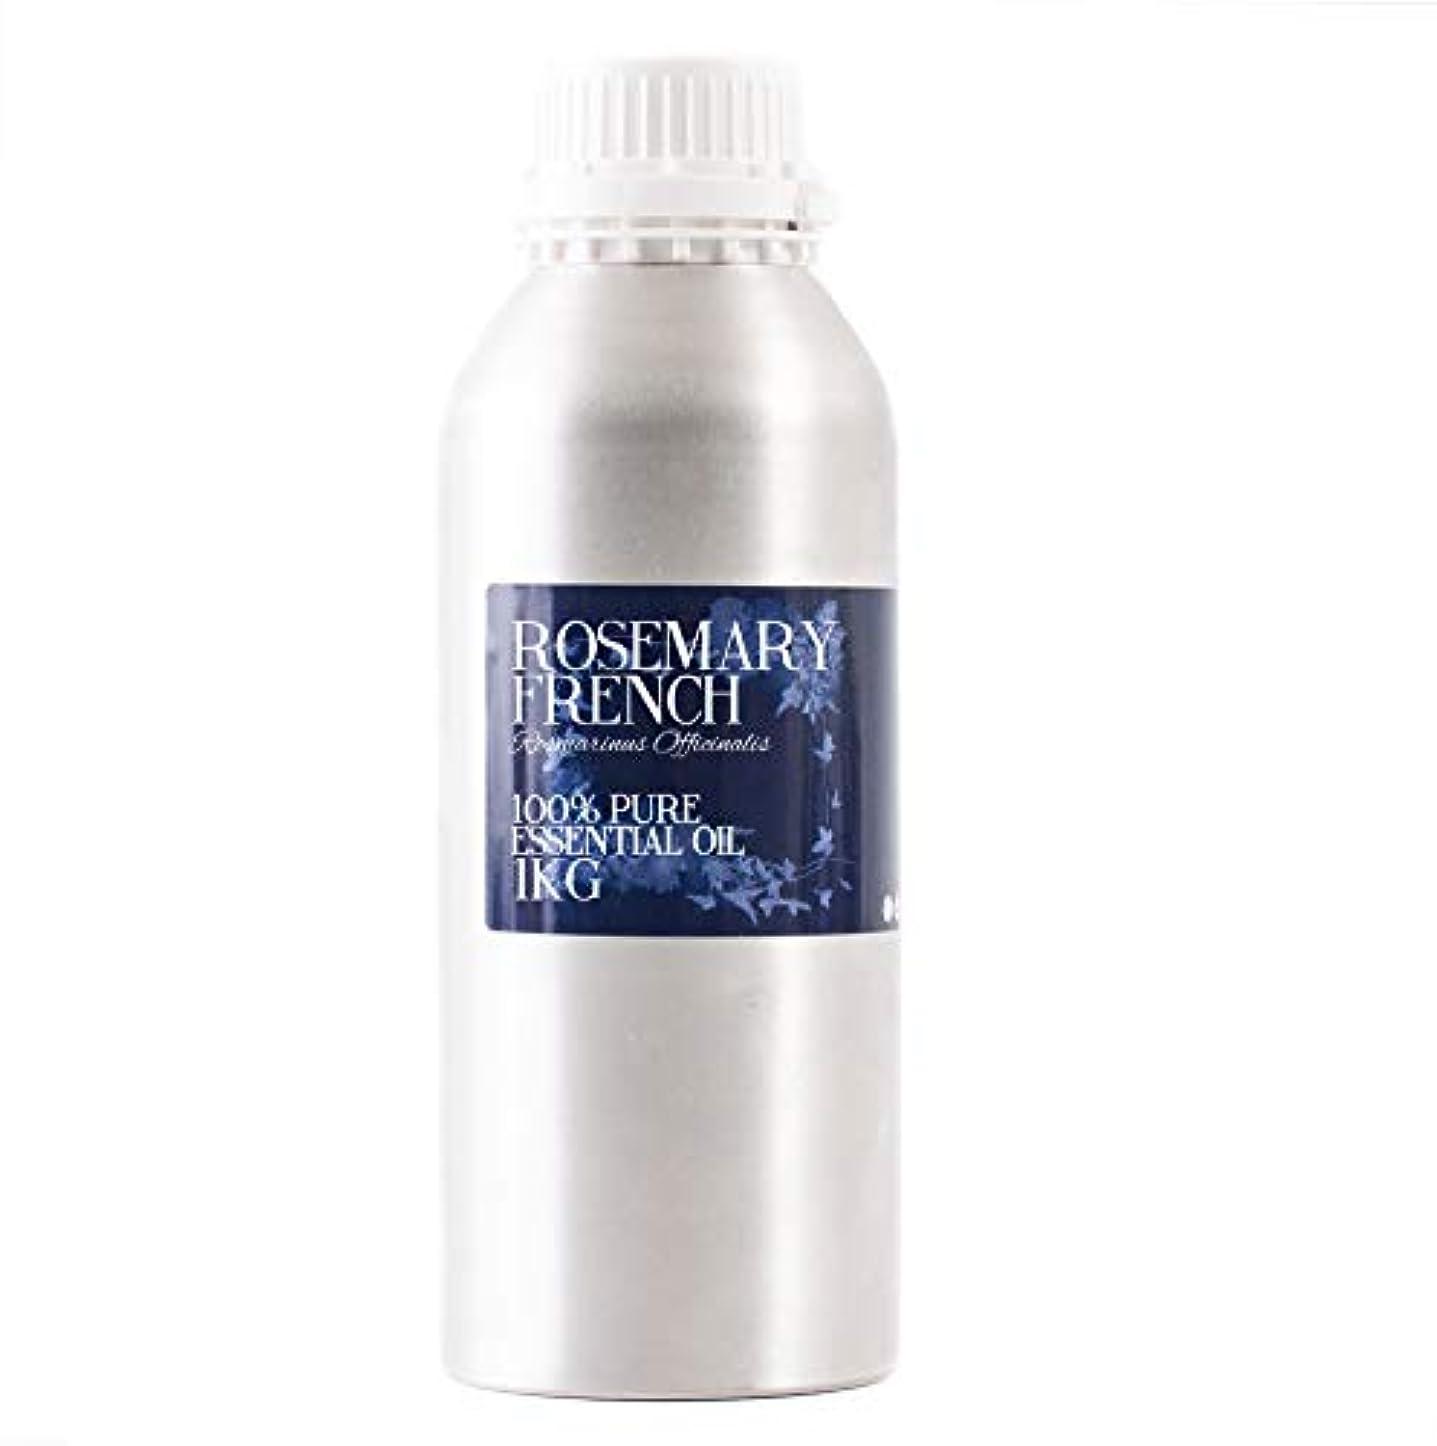 インストール六月保険をかけるMystic Moments | Rosemary French Essential Oil - 1Kg - 100% Pure